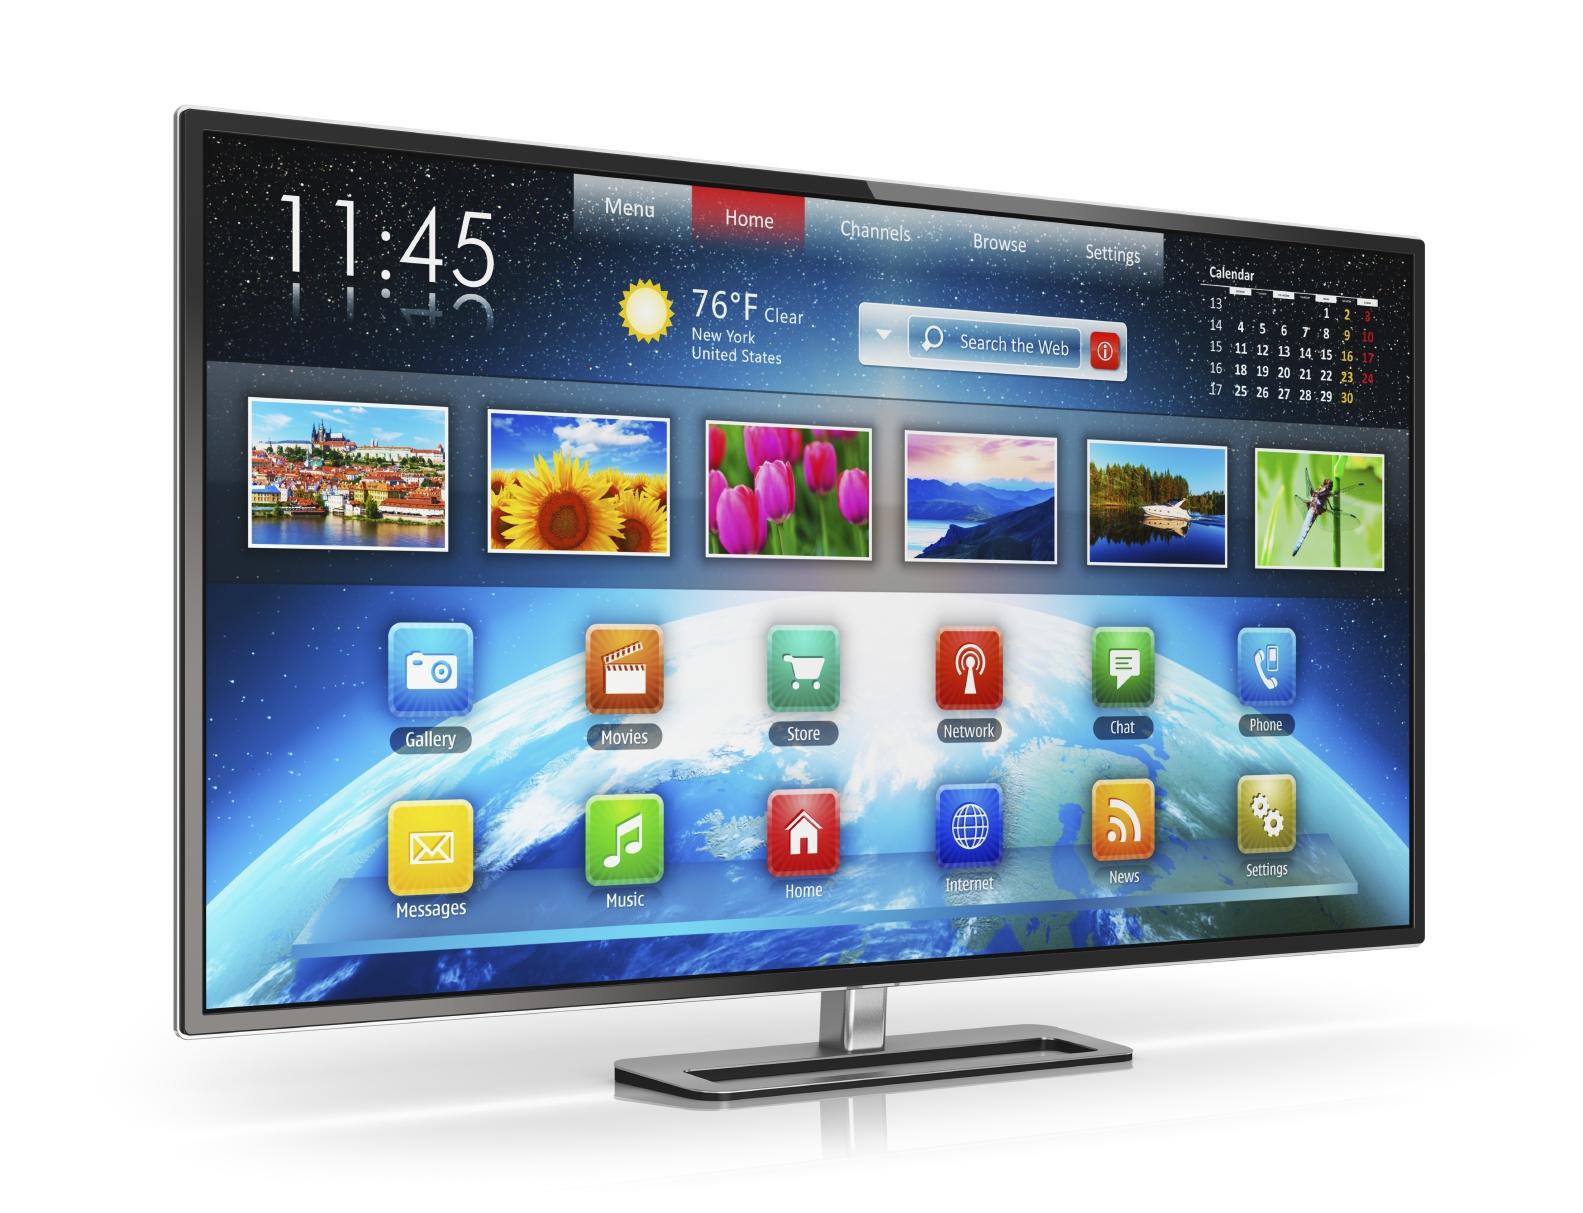 c9b63c169 PC Revue | Ako upgradovať starší televízor na Smart TV